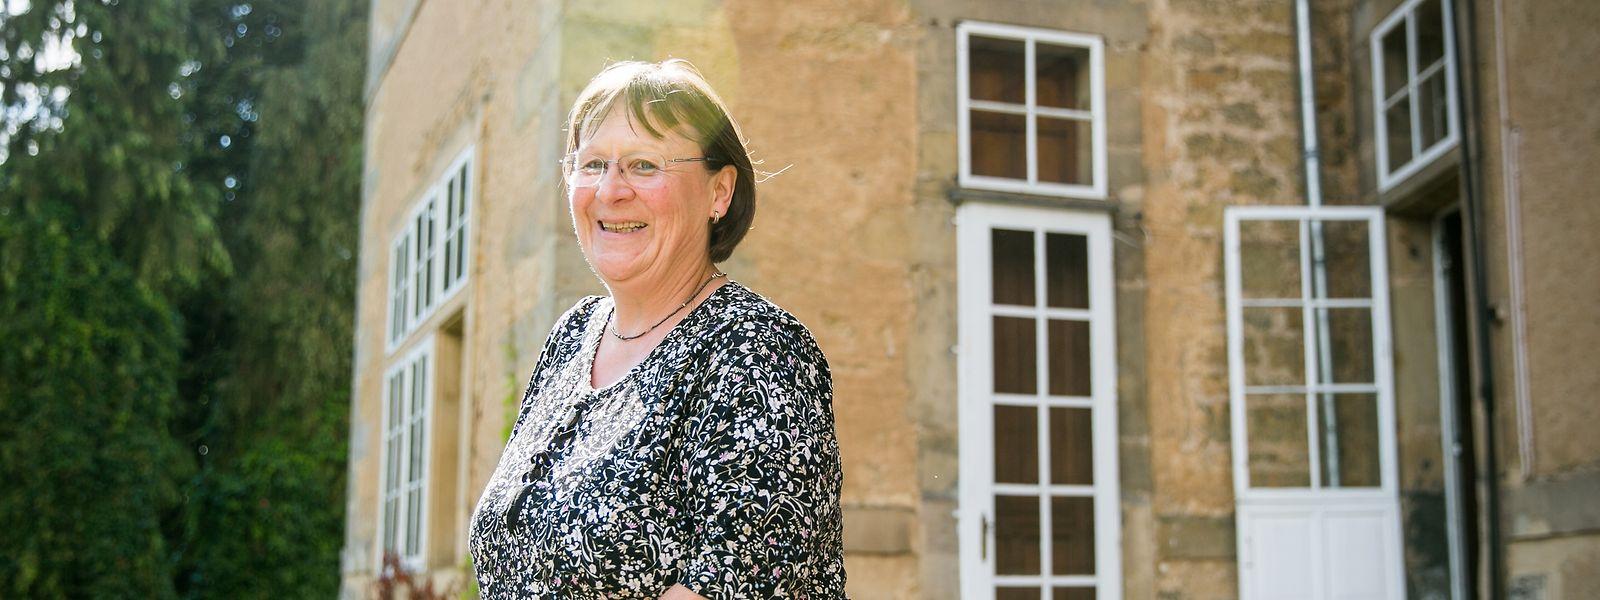 Jacqueline Kuijpers ist seit dem Tod von Anne-Marie Linckels im Jahr 2012 die neue Schlossherrin in Befort.